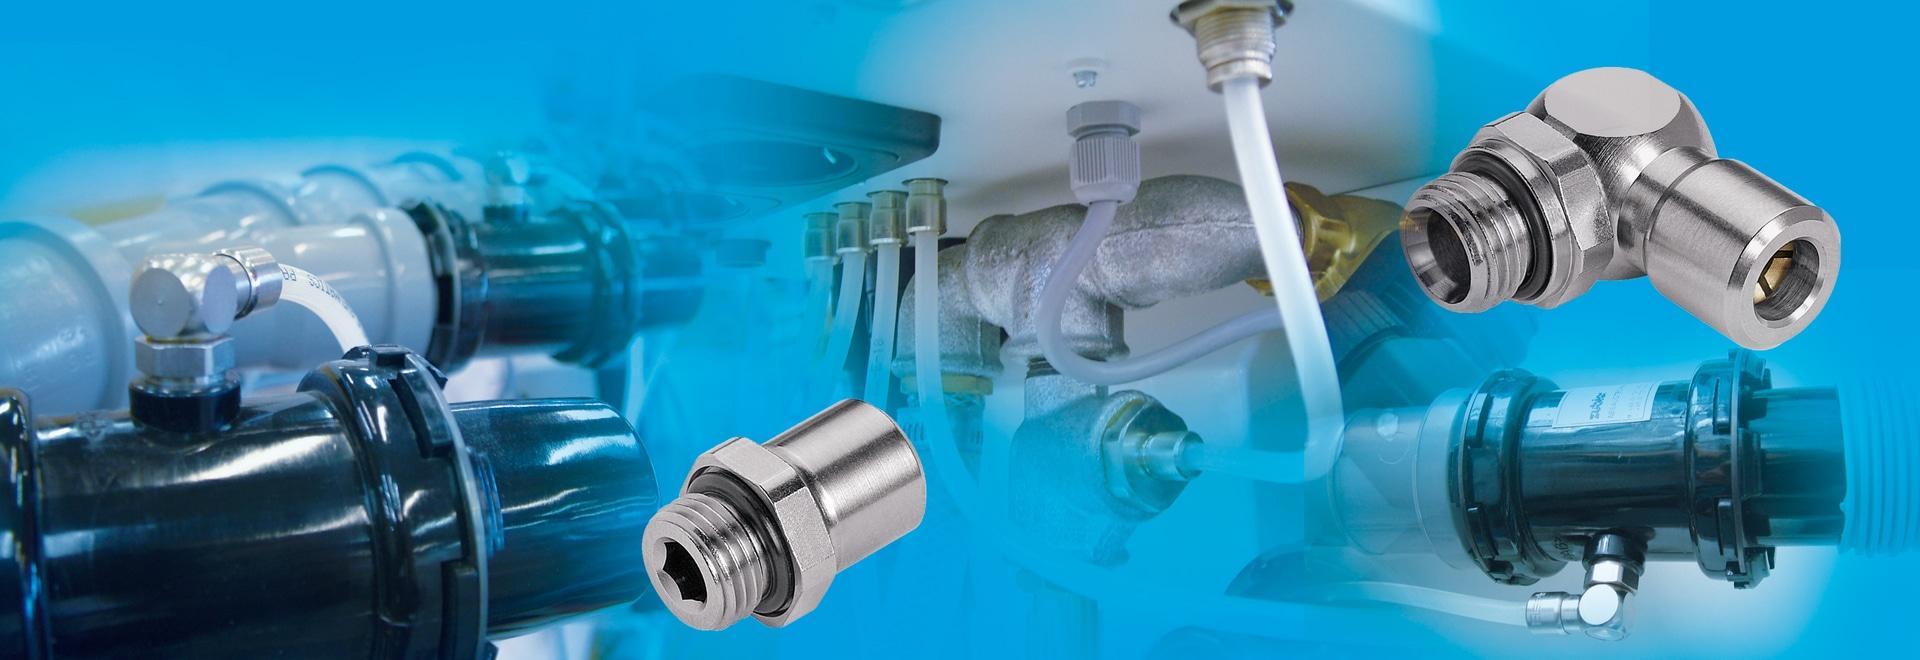 Componentes confiables del aire comprimido en la tecnología dental (foto: Zubler)